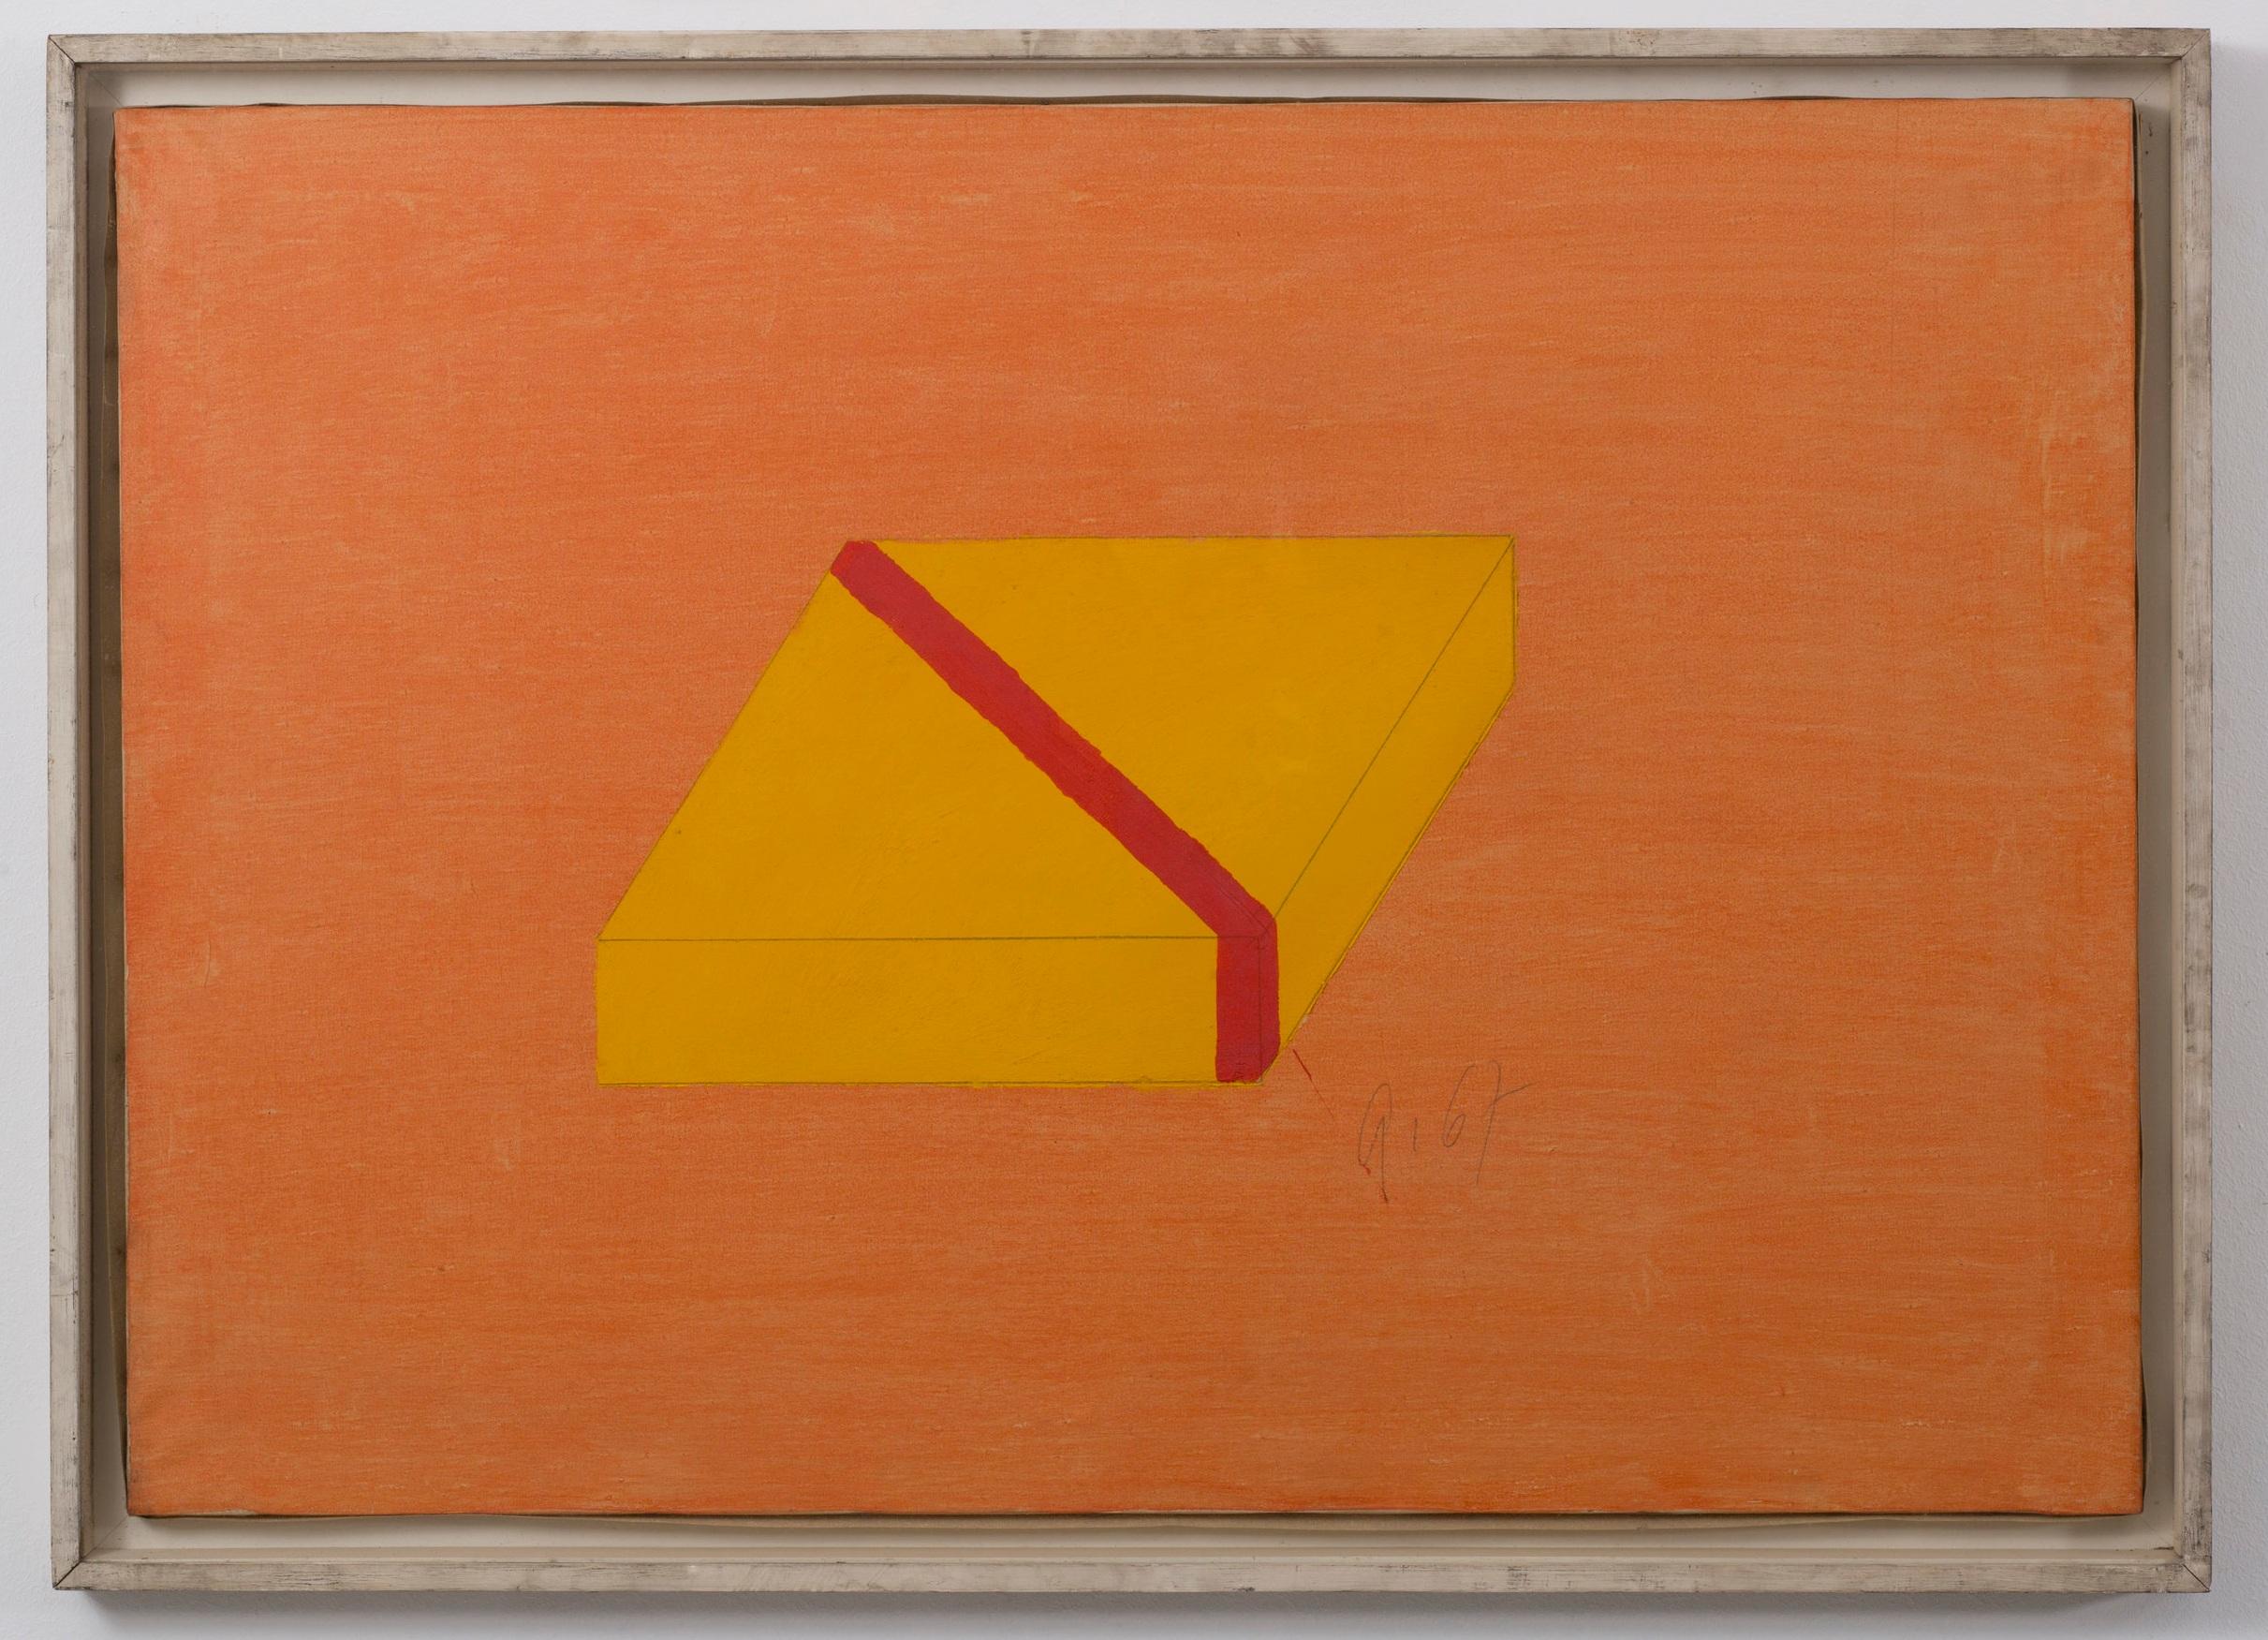 Scatola gialla, 1967